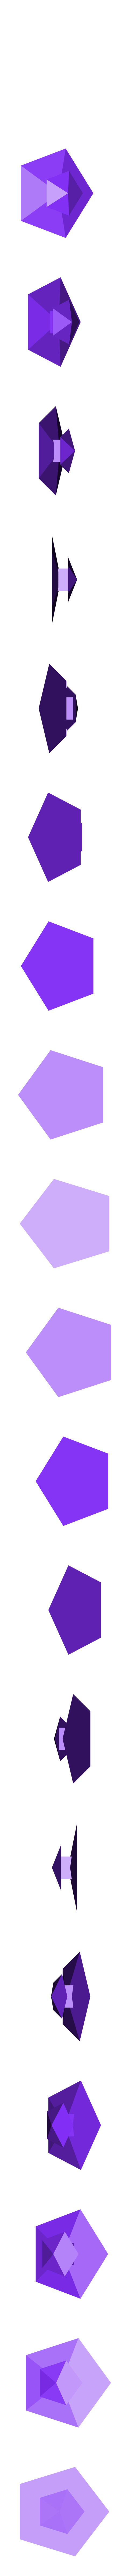 k2 towel hanger.stl Télécharger fichier STL gratuit Contre-éclaboussures pour évier de cuisine • Modèle pour impression 3D, solunkejagruti